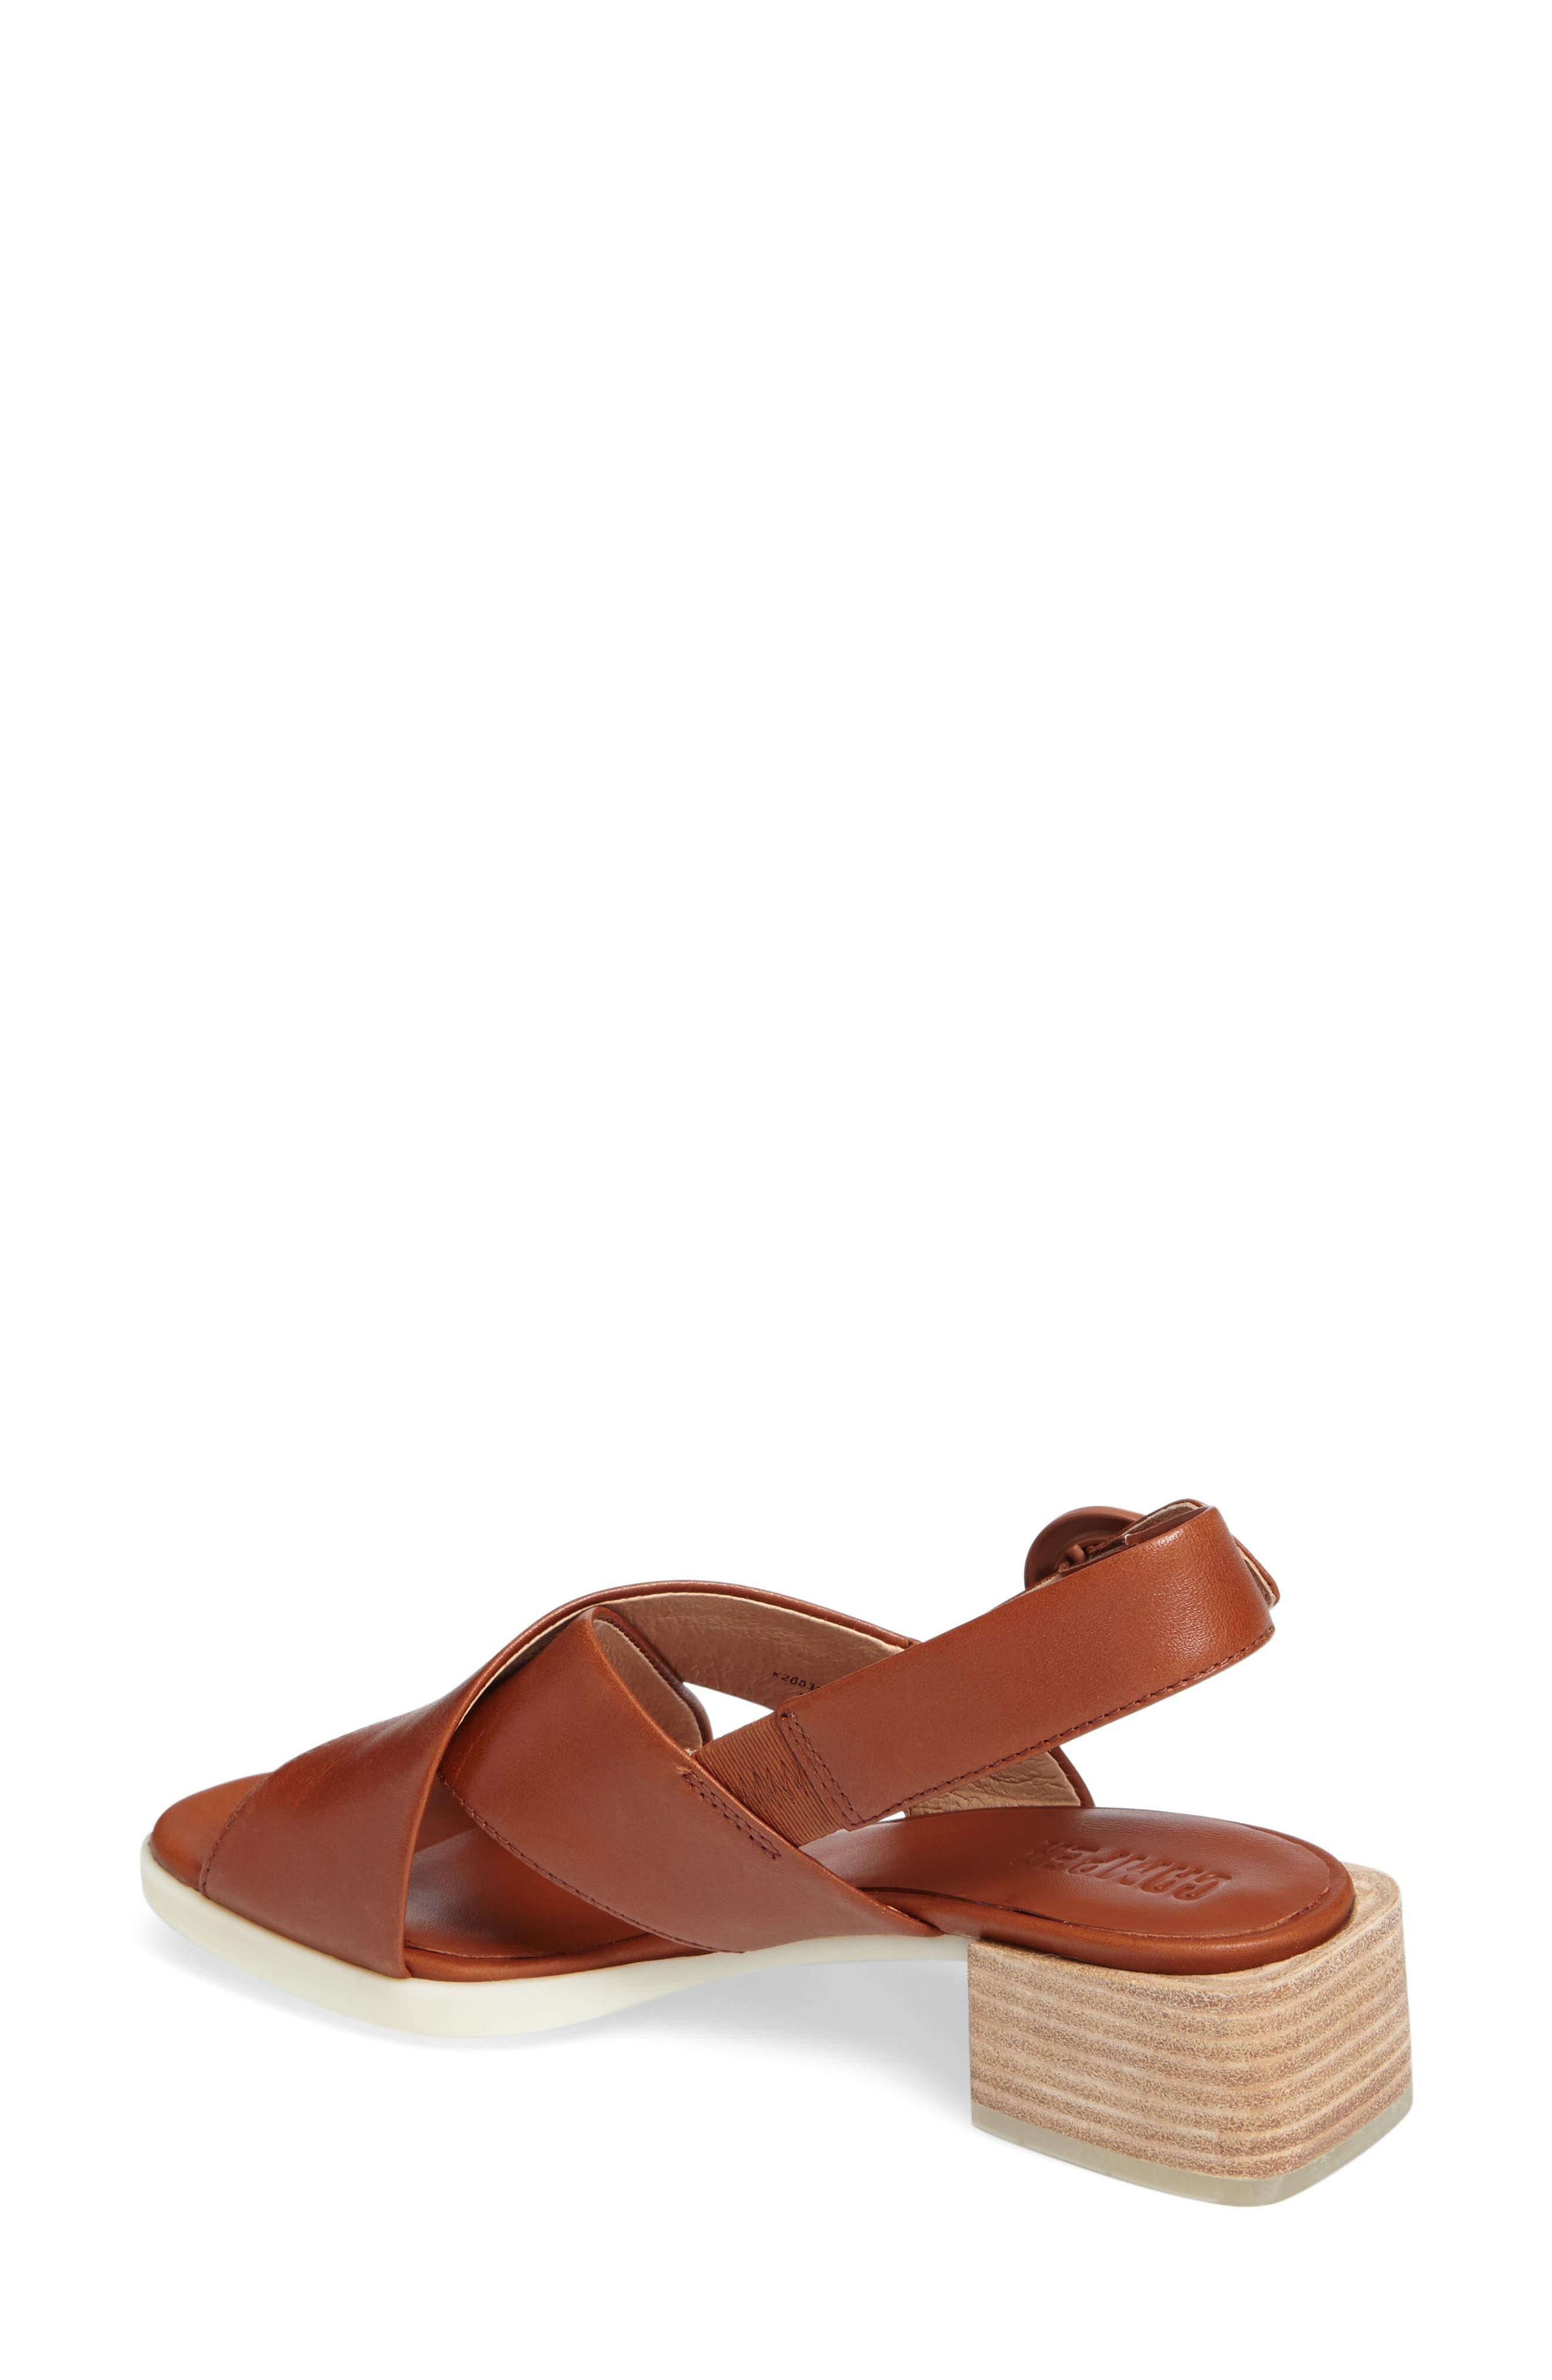 Alternate Image 2  - Camper Kobo Slingback Sandal (Women)